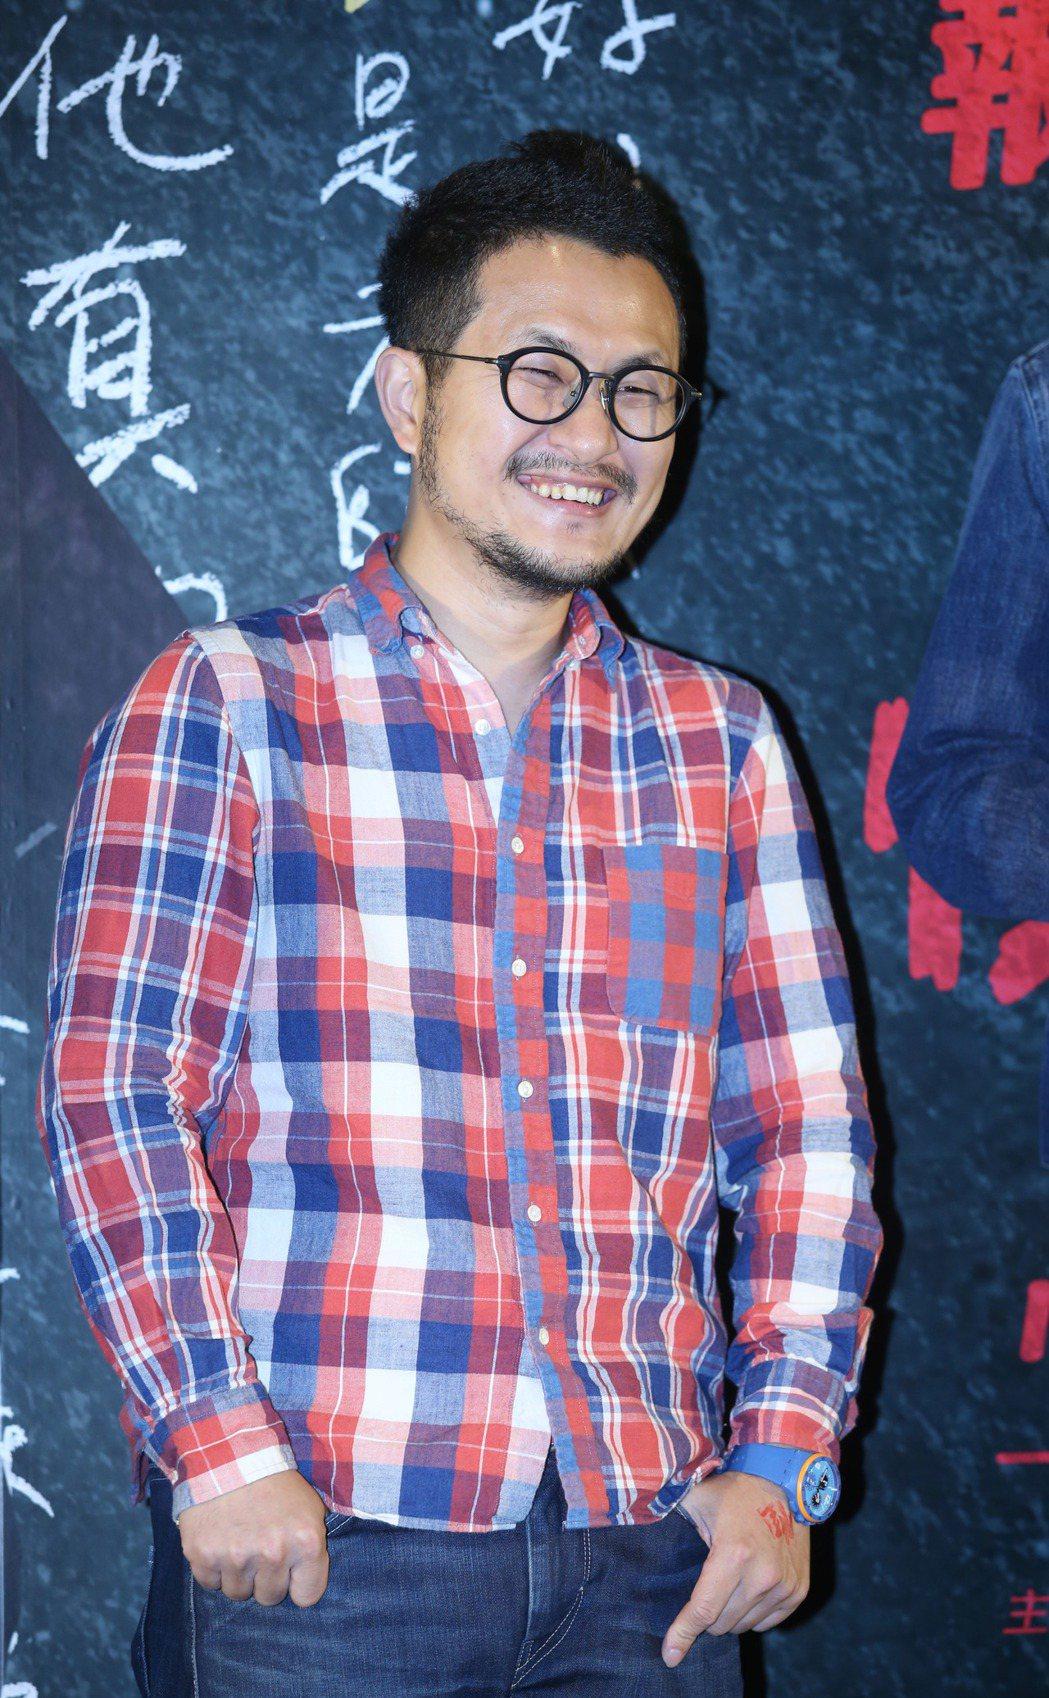 導演九把刀為新電影「報告老師!怪怪怪怪物!」宣傳。記者陳瑞源/攝影